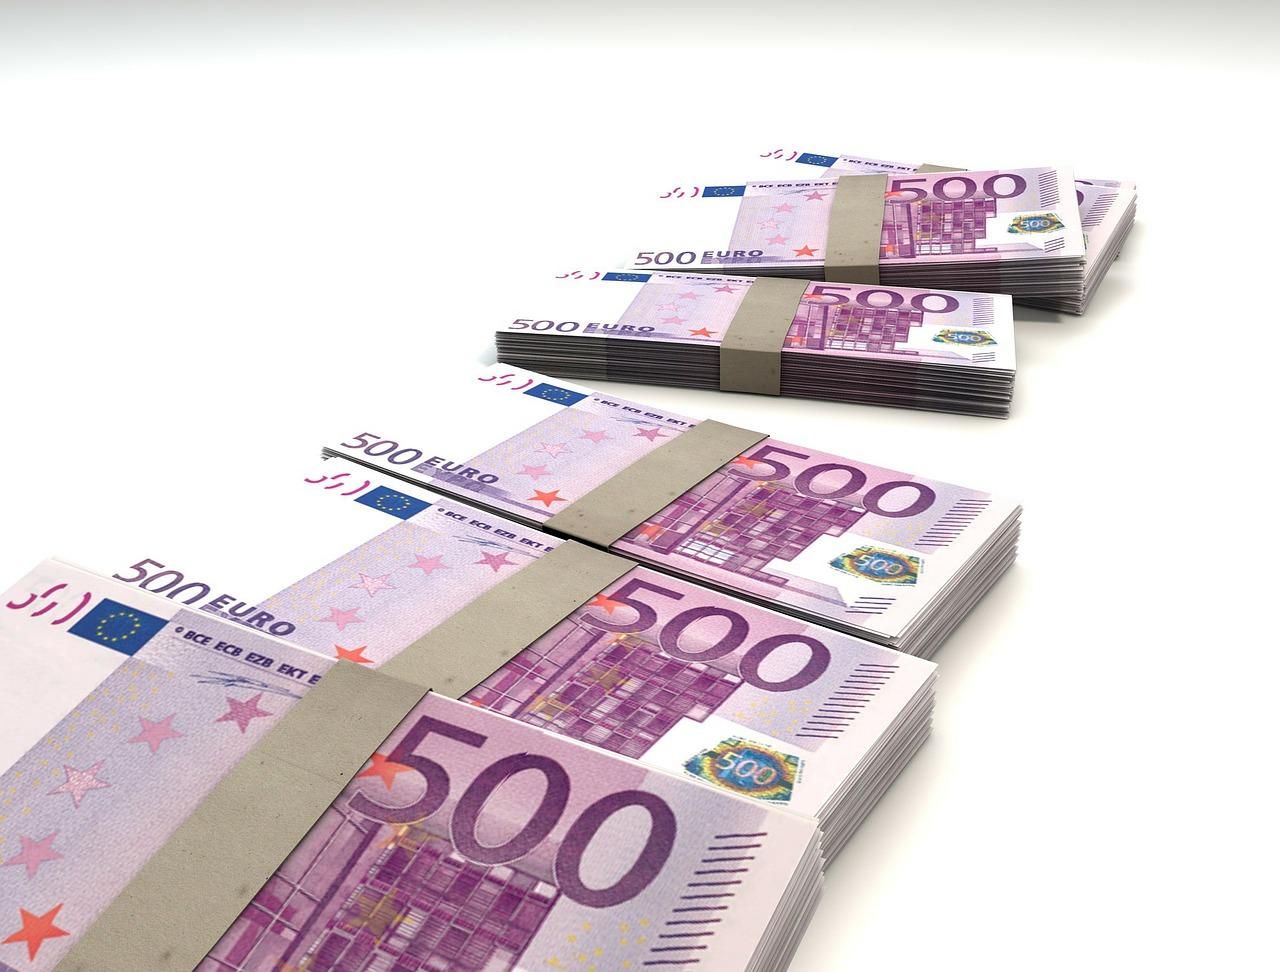 Blocchi di banconote da 500 euro